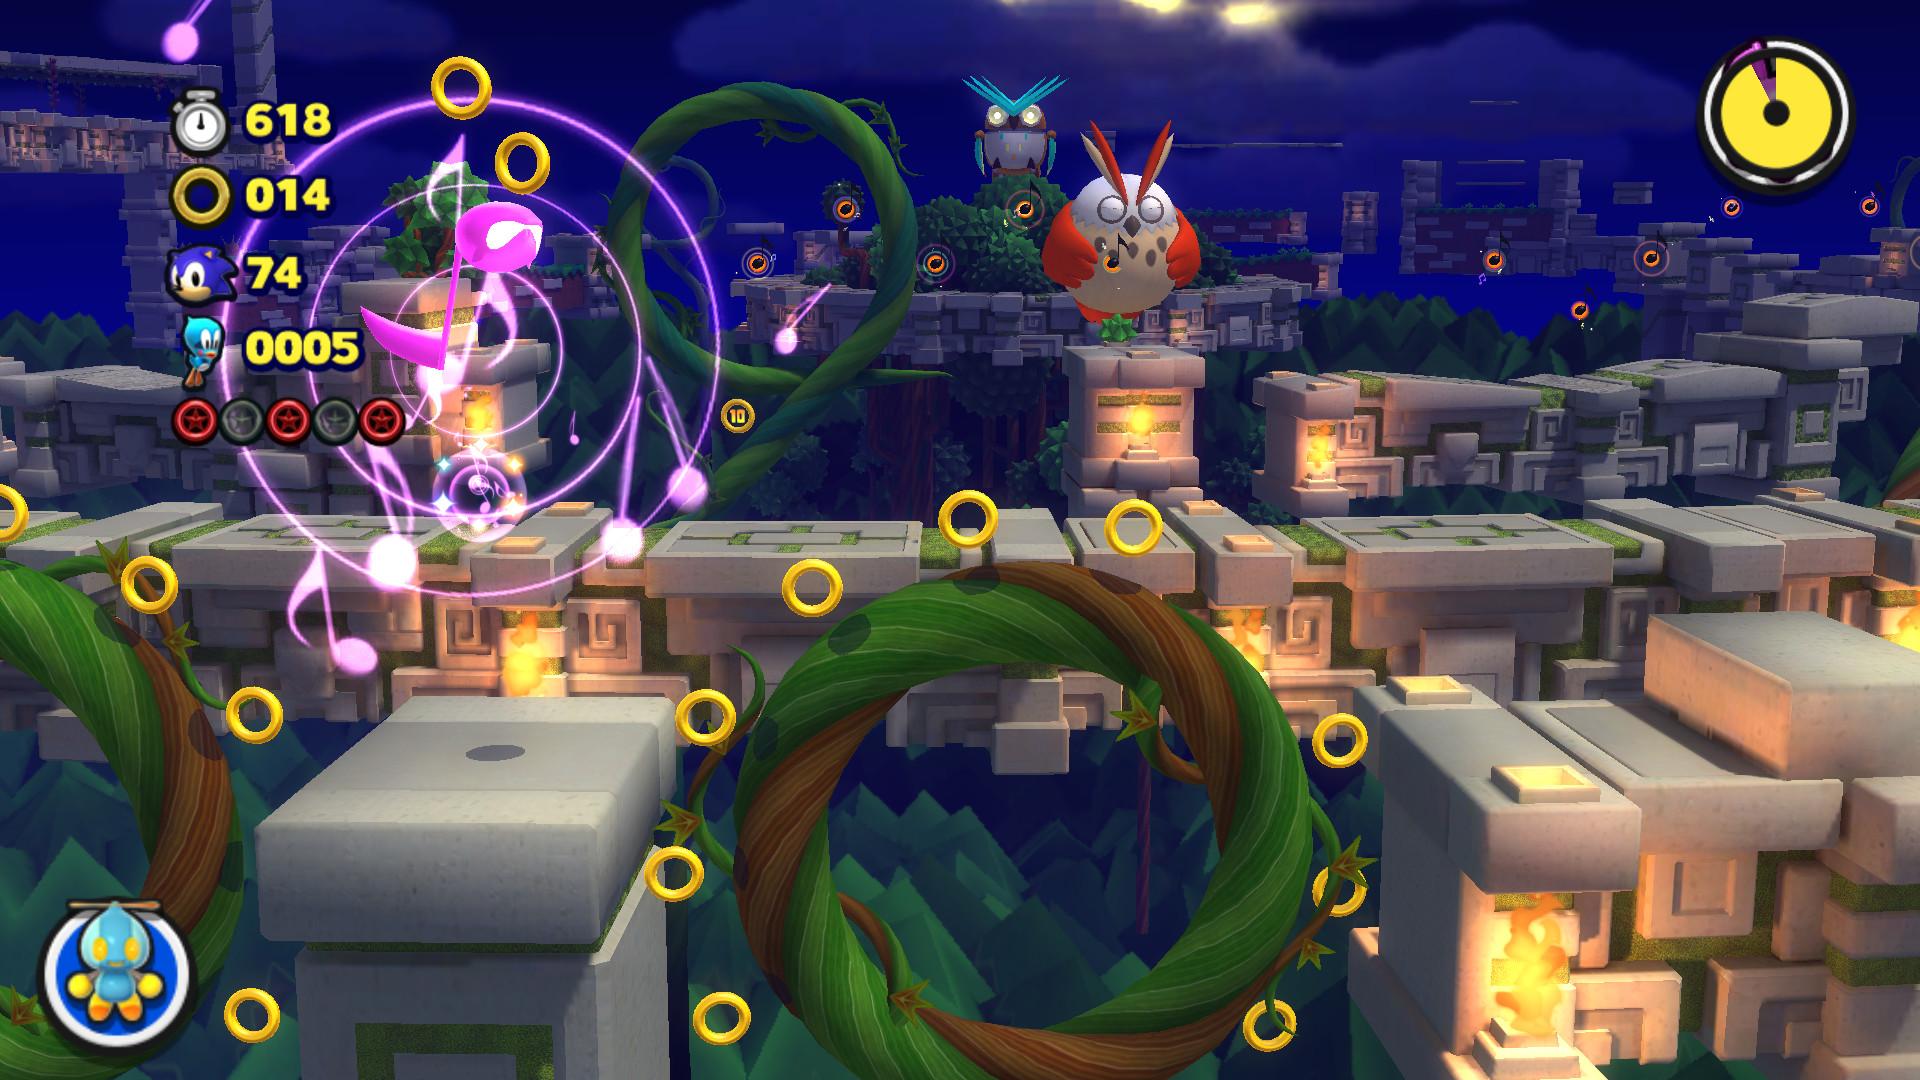 Sonic Lost World ESPAÑOL PC Full (CODEX) + REPACK 2 DVD5 (JPW) 4